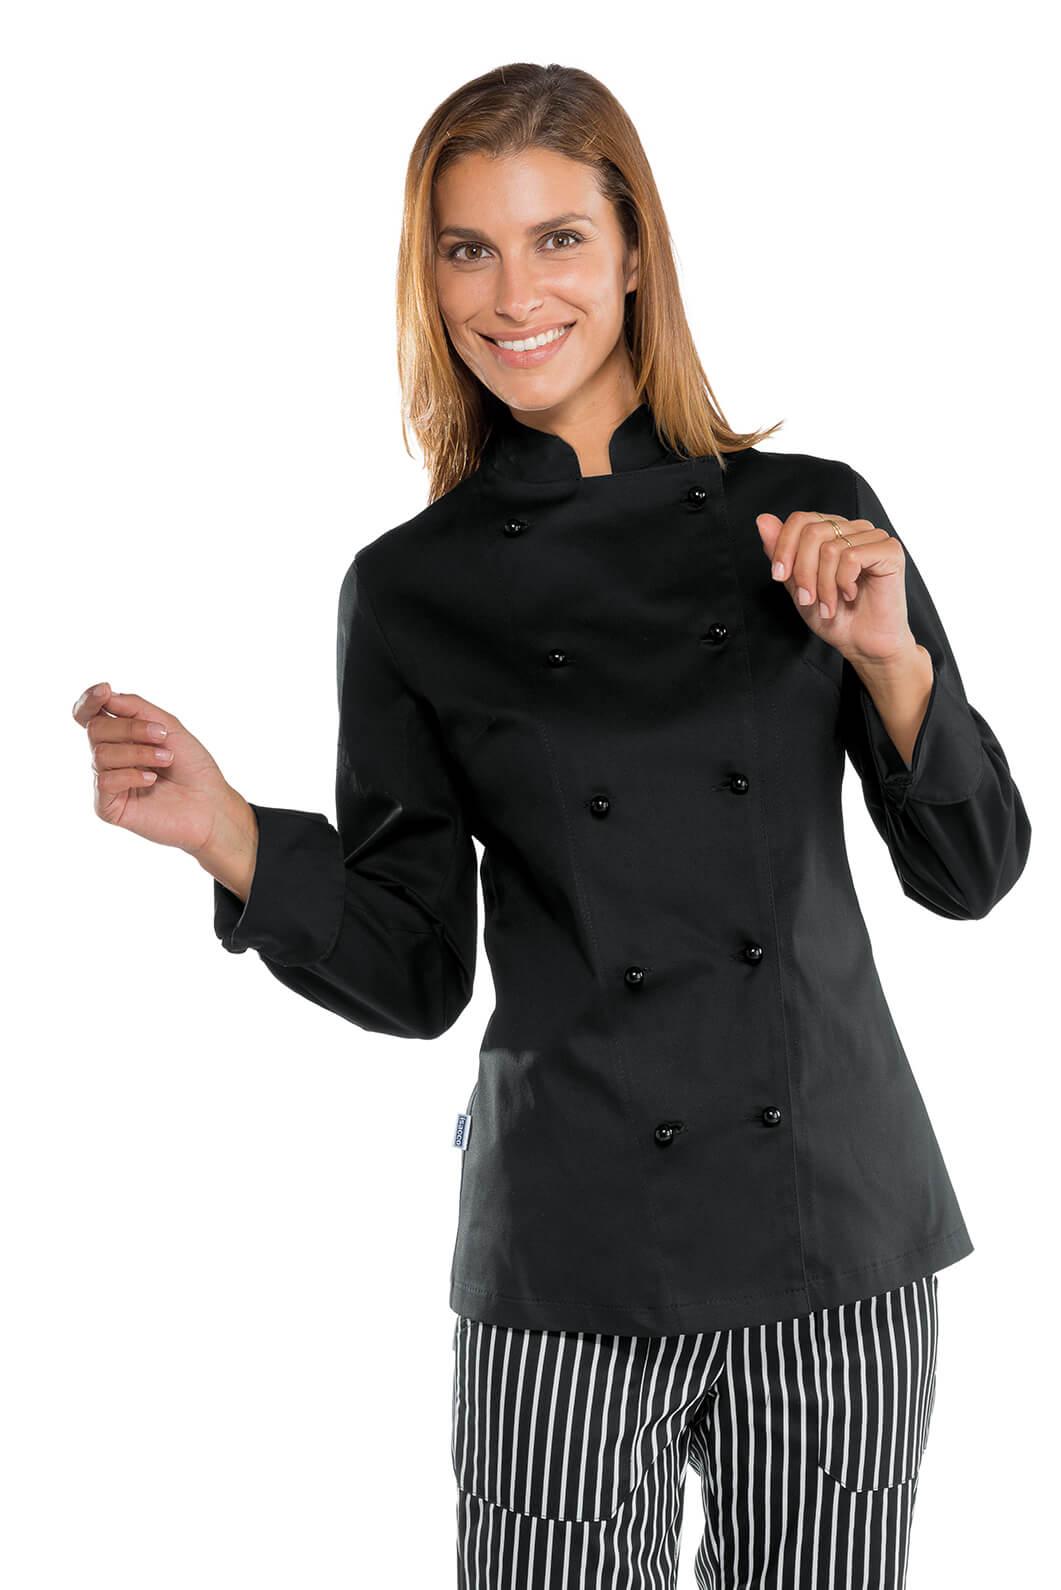 veste noire de cuisine stretch pour femme vestes de cuisine femme. Black Bedroom Furniture Sets. Home Design Ideas